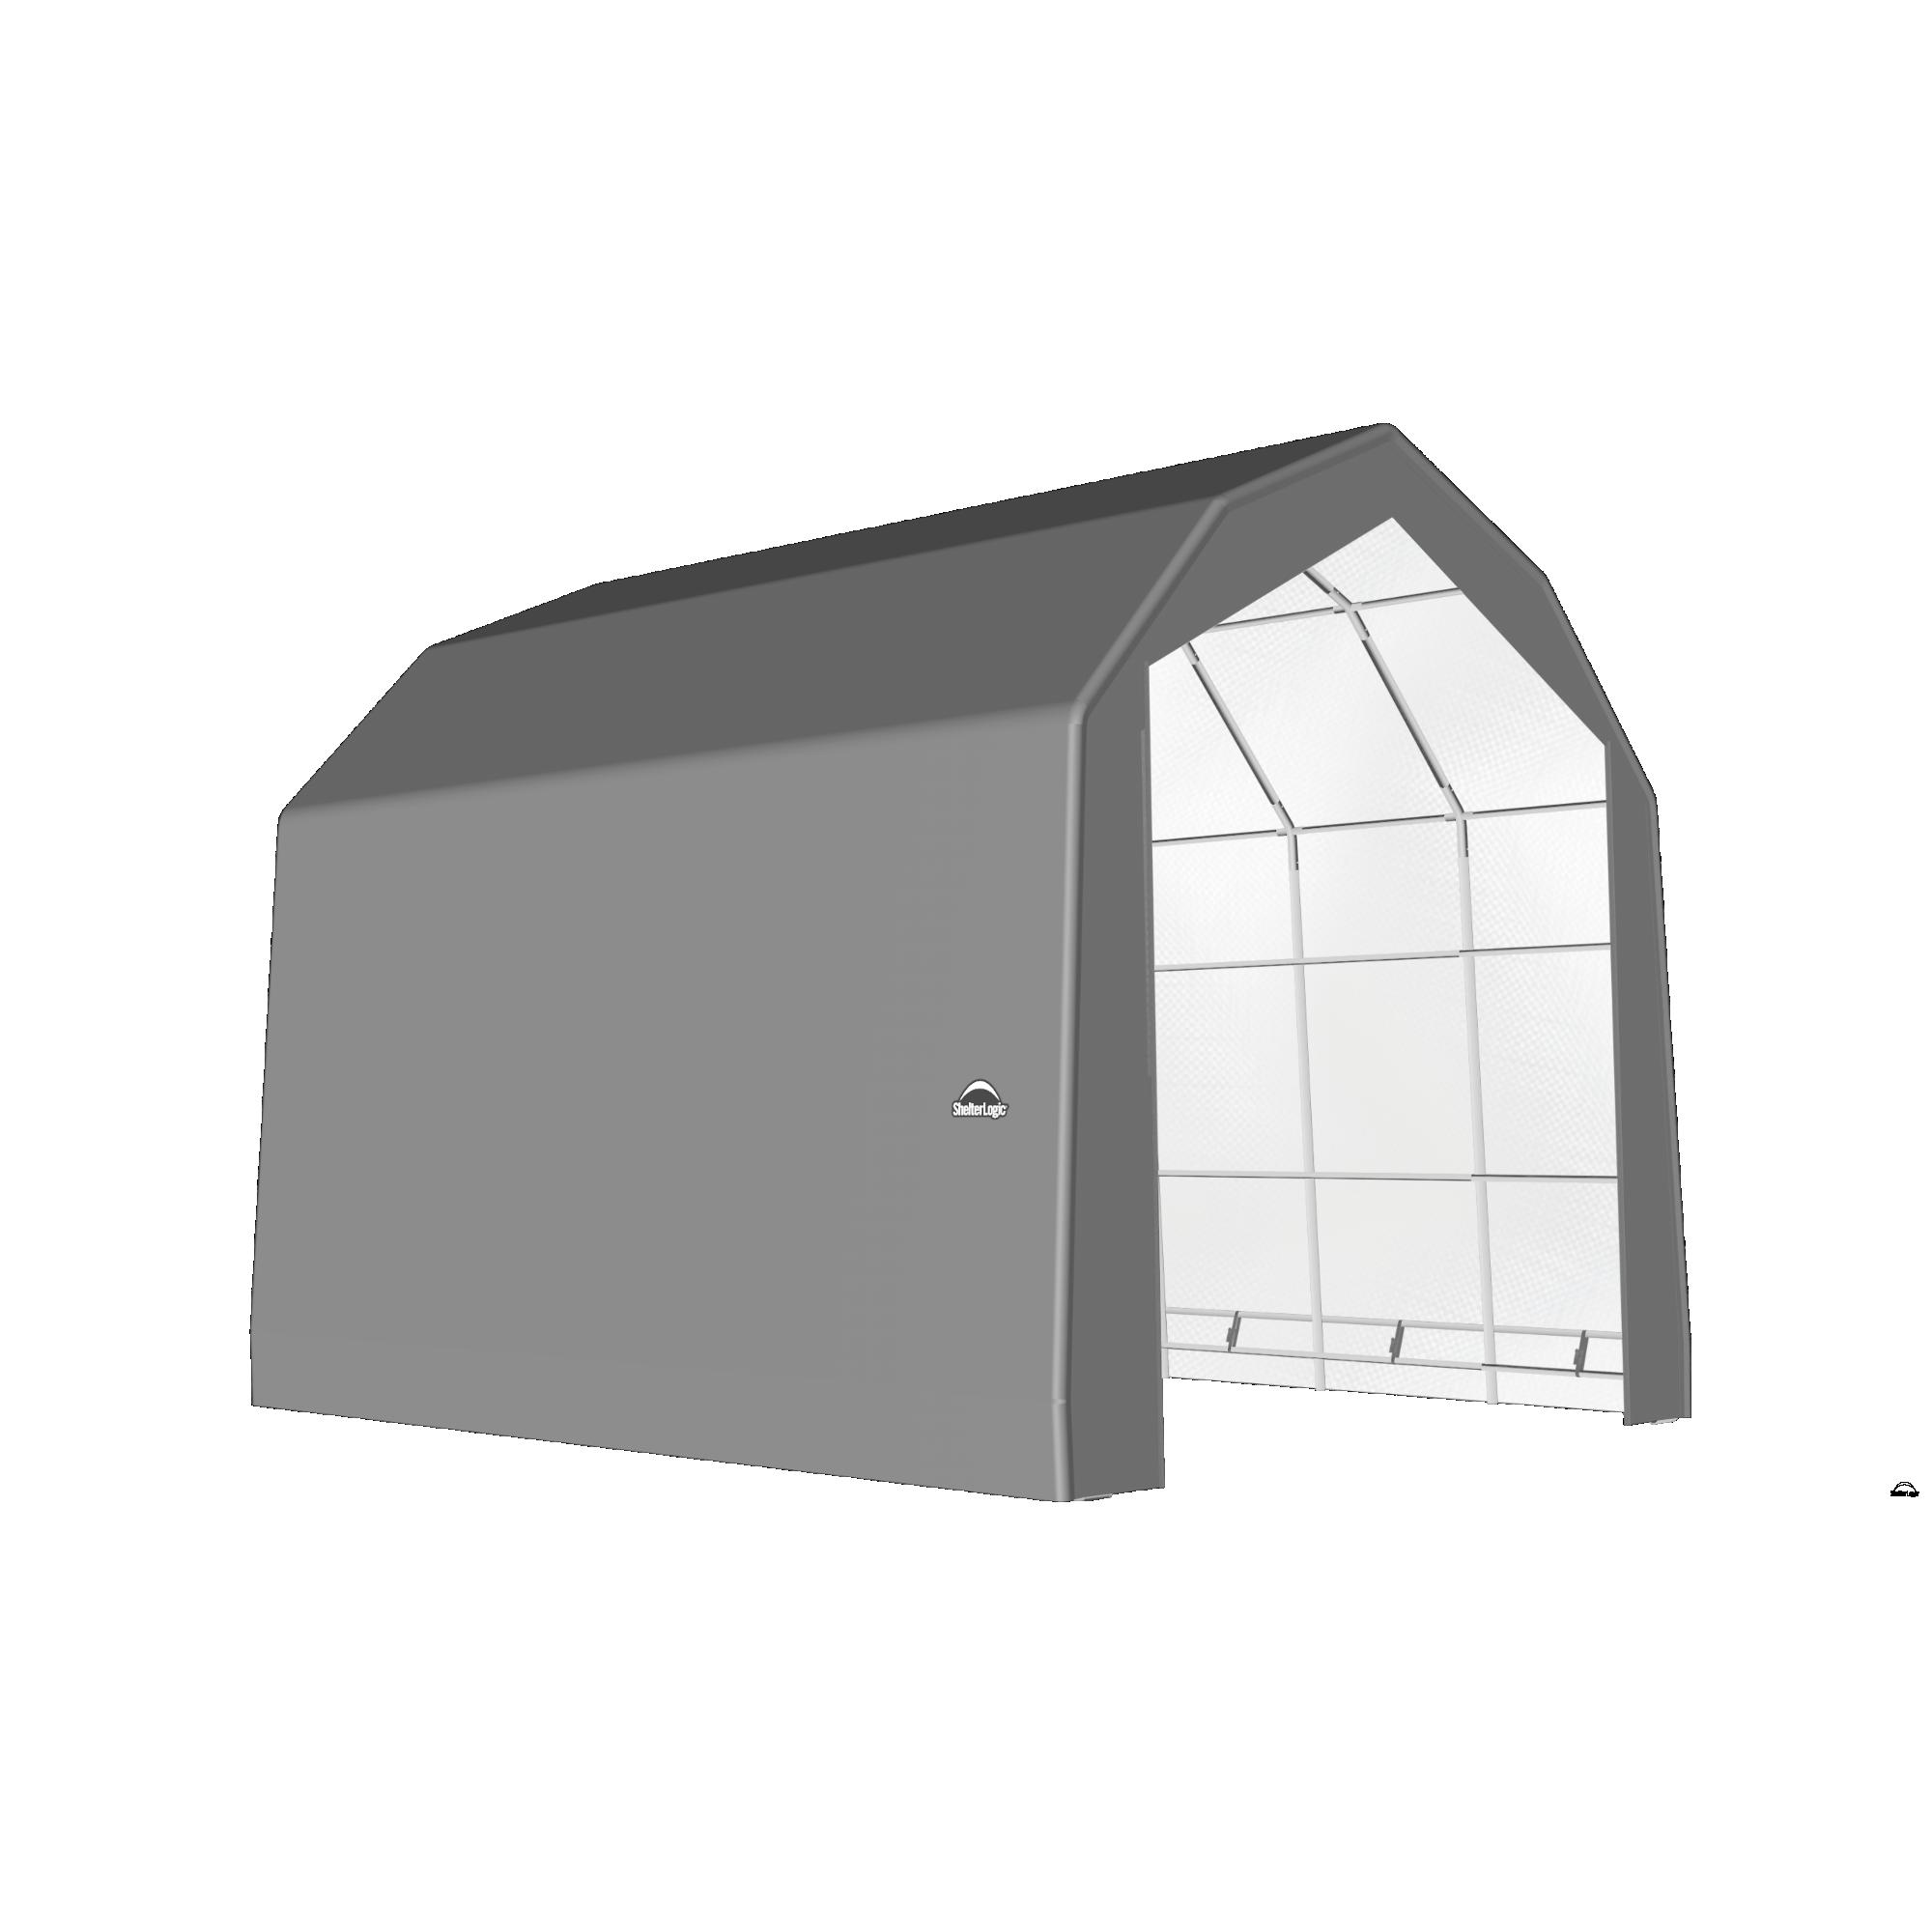 SP Barn 20X24X18 Gray 14 oz PE Shelter